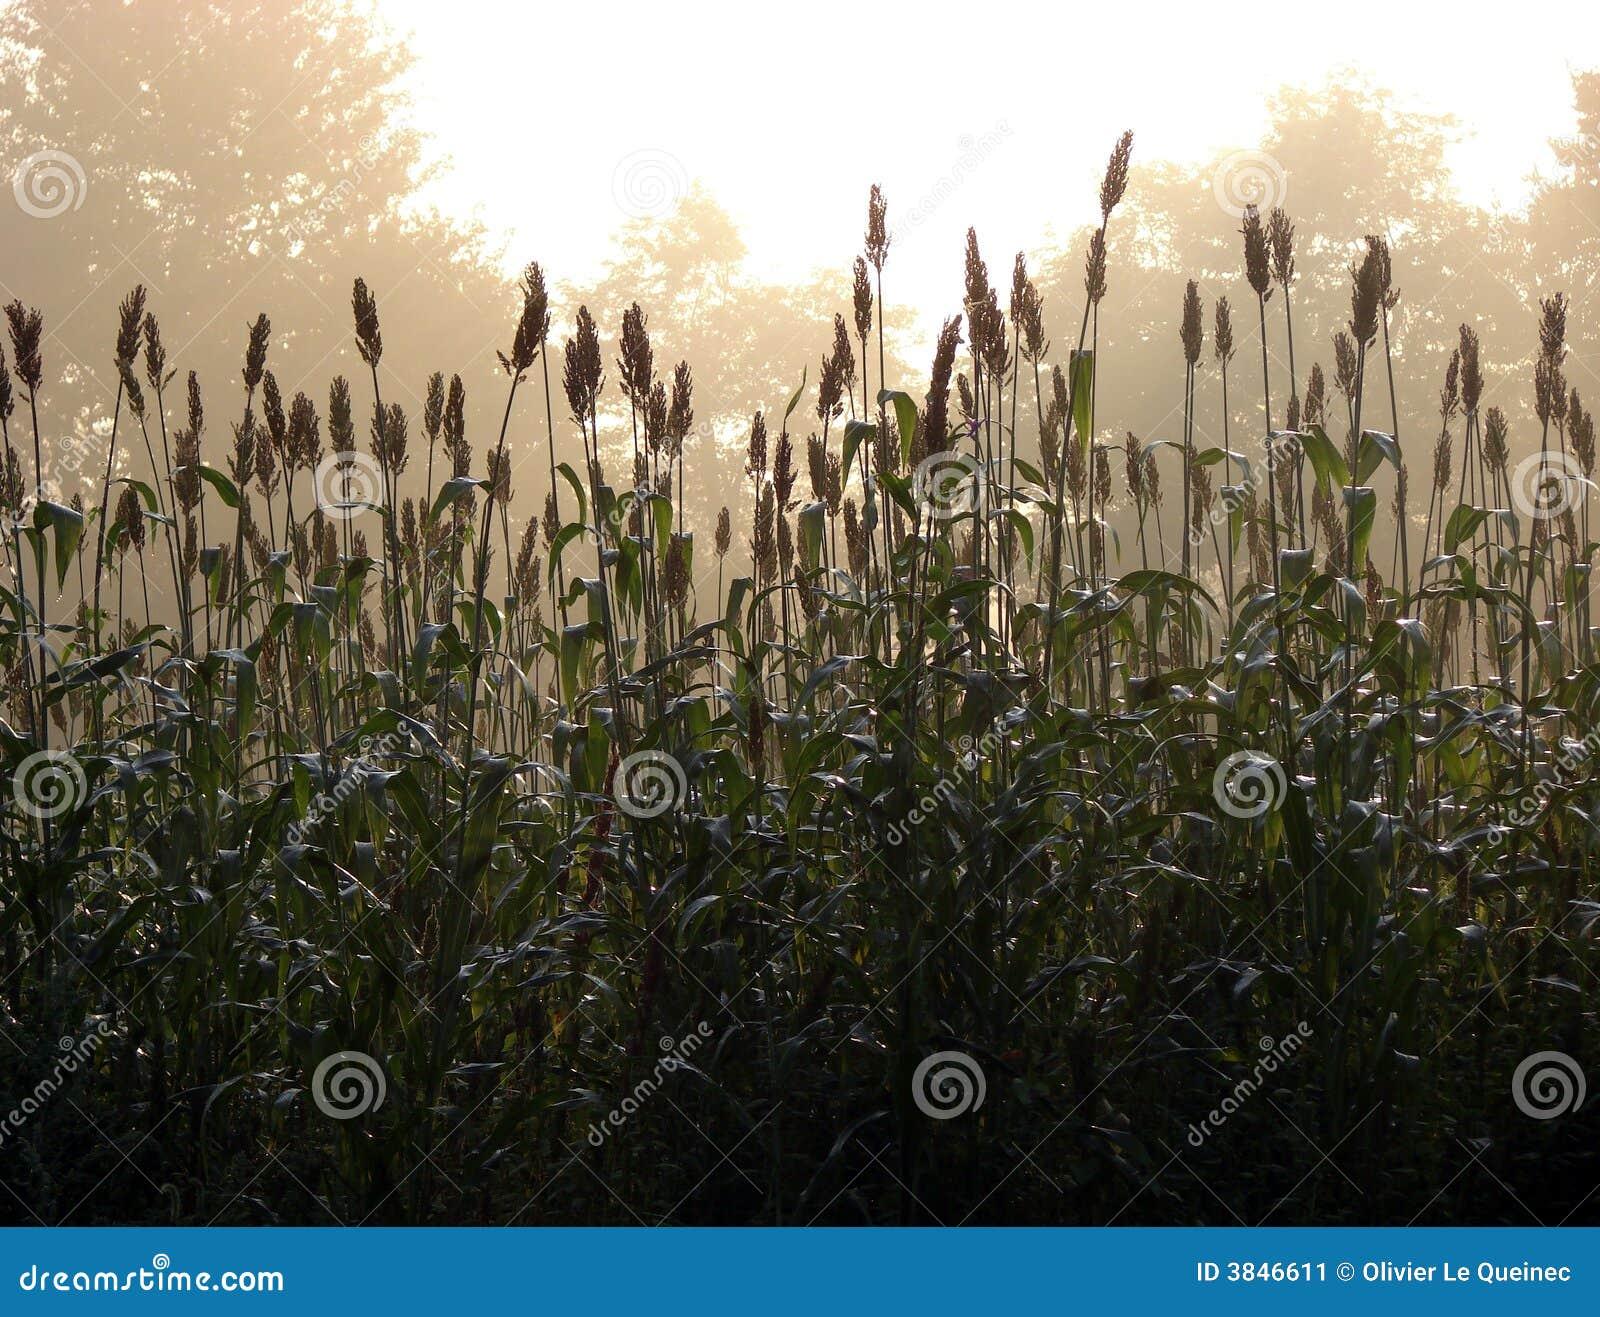 Countryside fog morning over